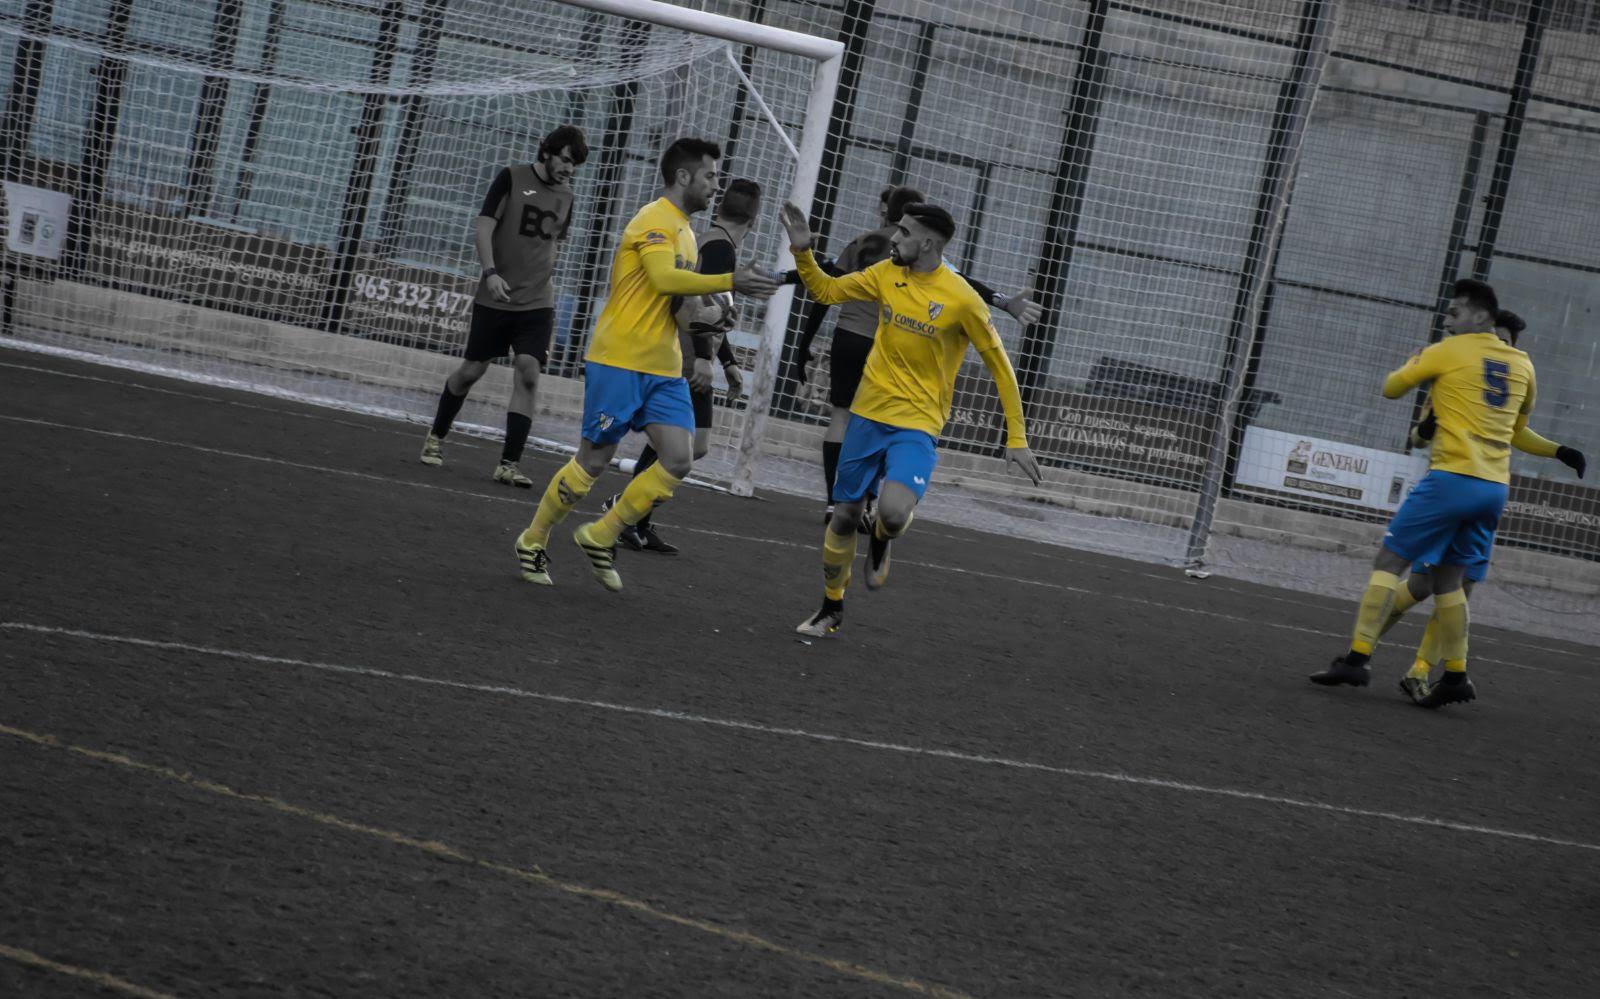 Trabajada victoria del Adherido Local, trabado empate del Regional y derrota del fútbol sala